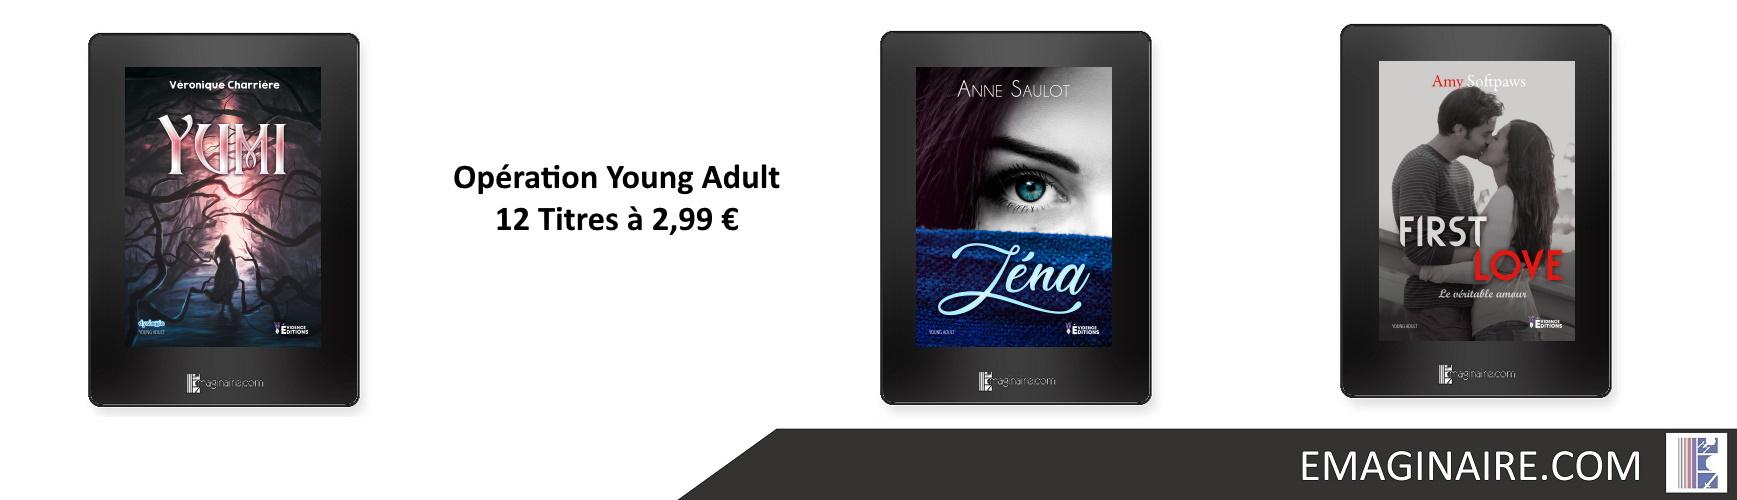 Opération Young Adult - 12 Titres à 2,99 €